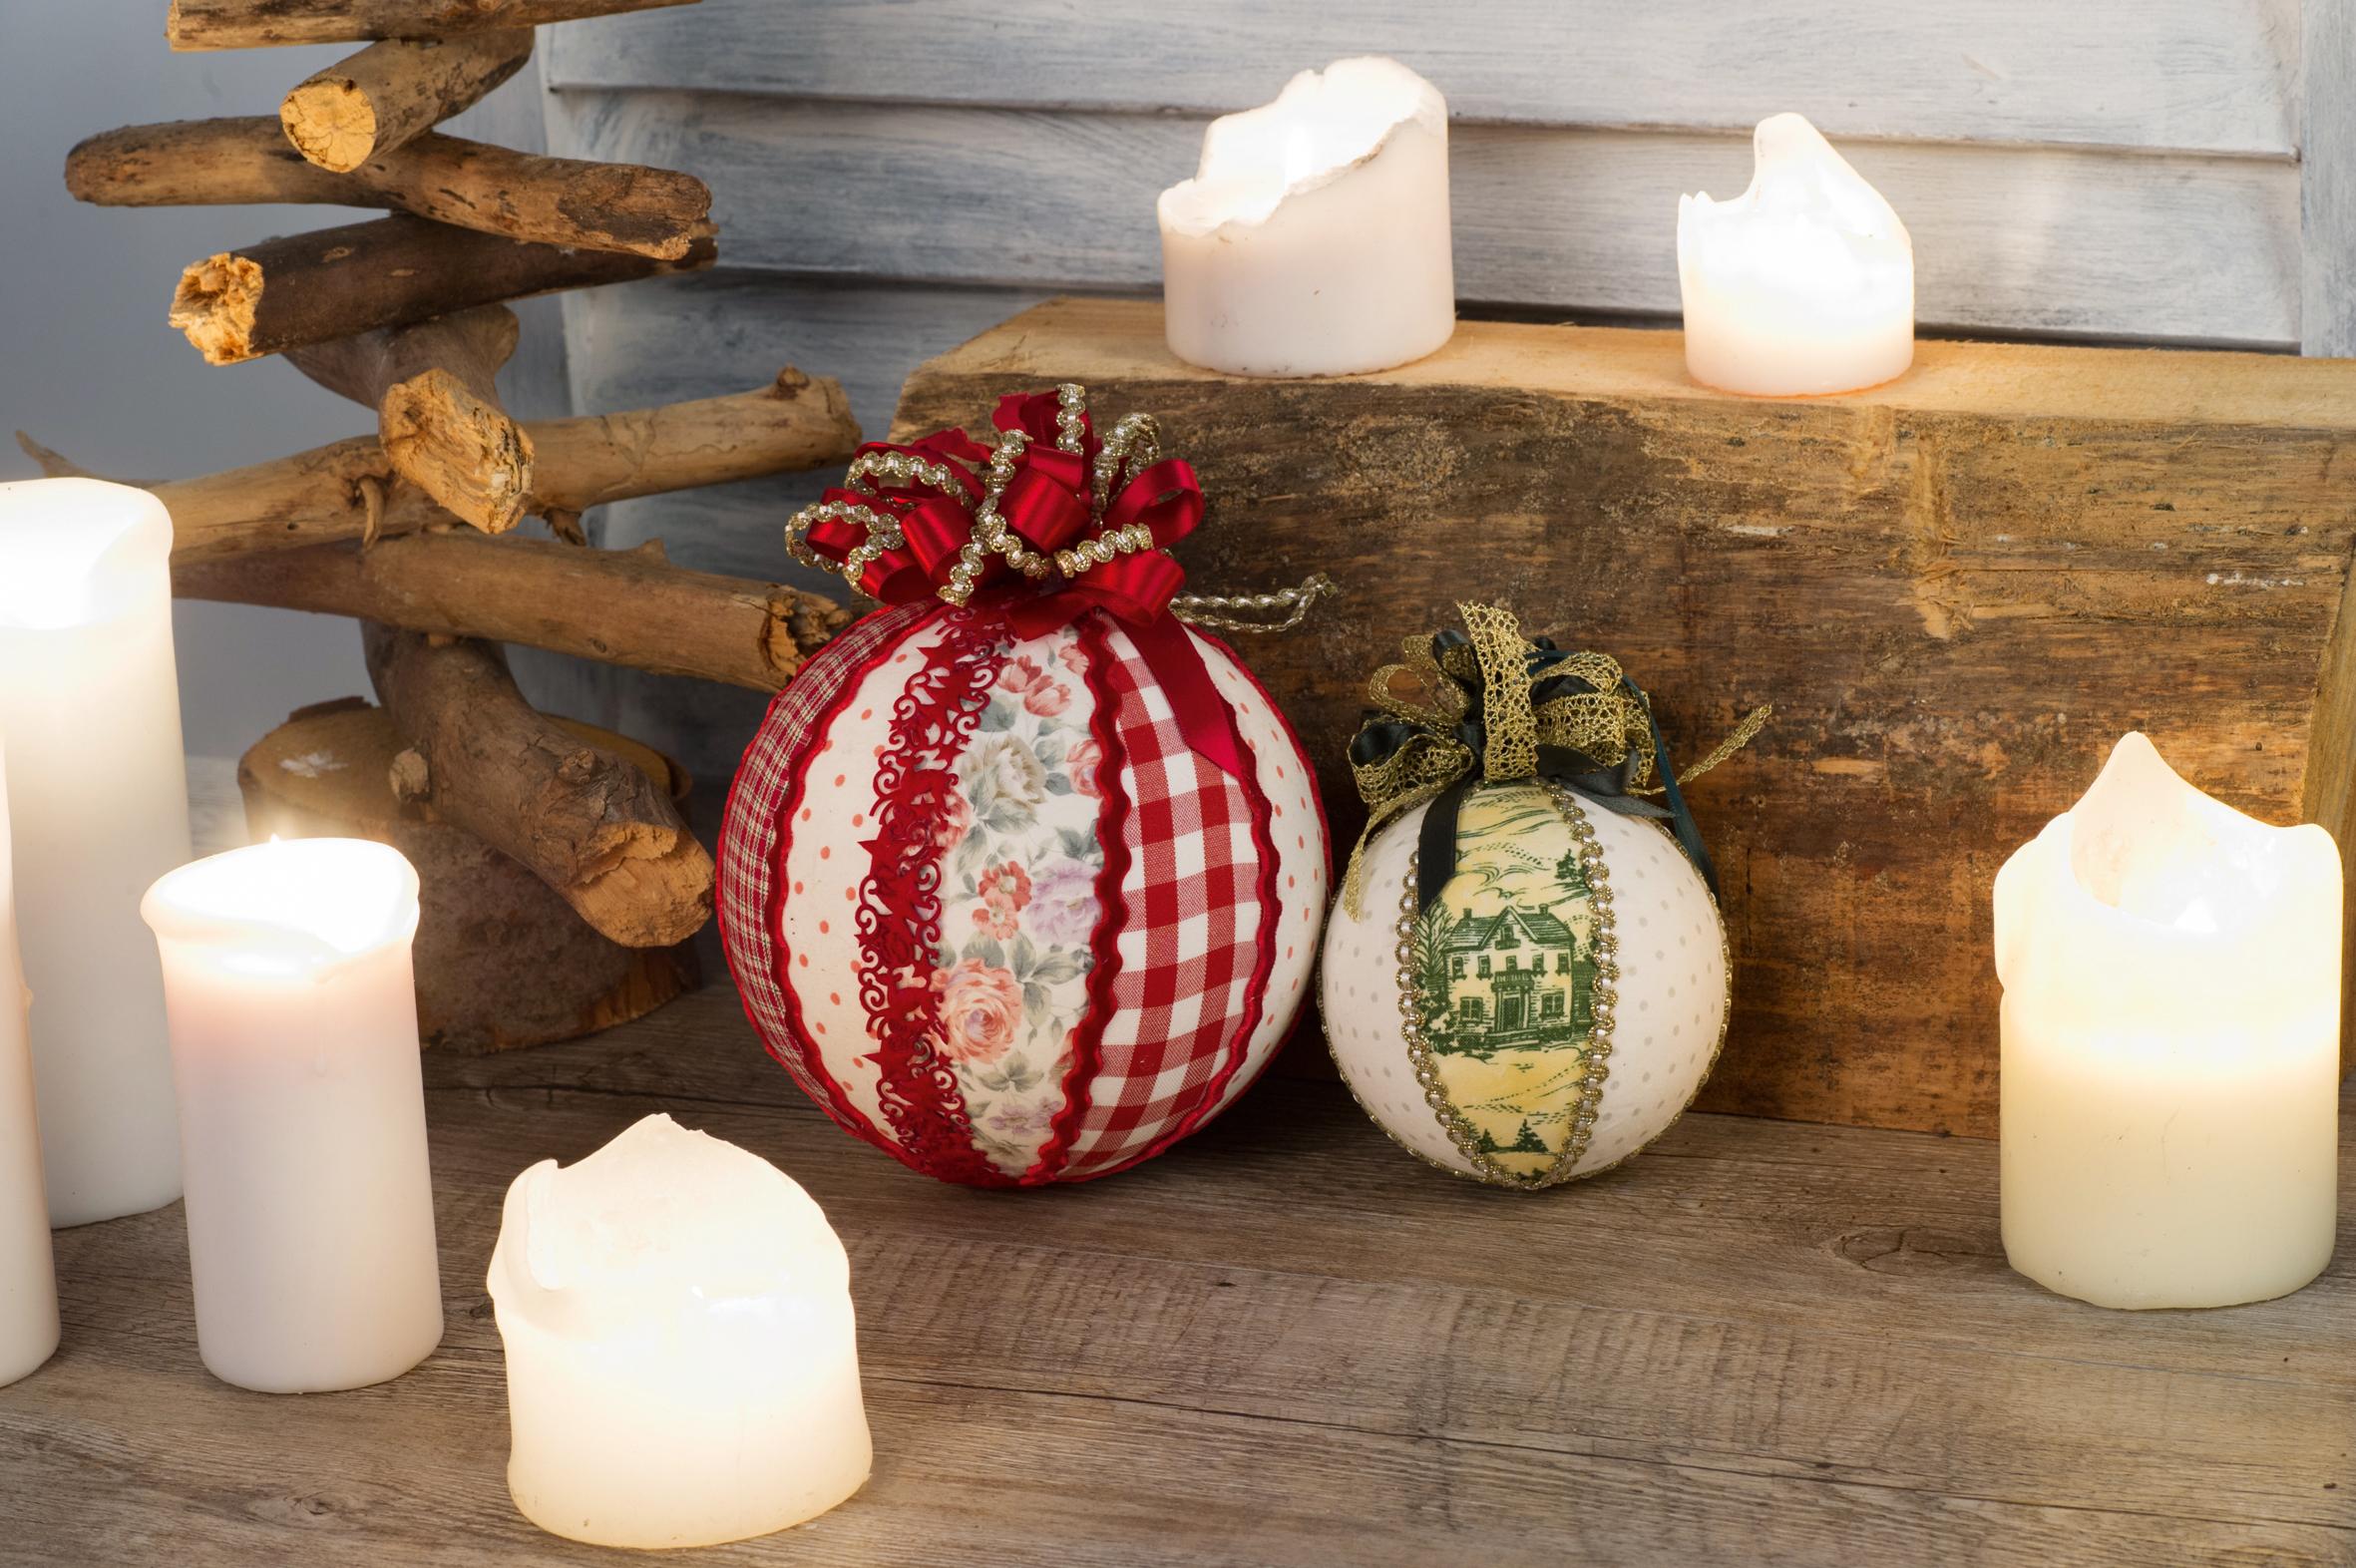 weihnachtskugeln von einfach berzogen bis aufw ndig bestickt. Black Bedroom Furniture Sets. Home Design Ideas